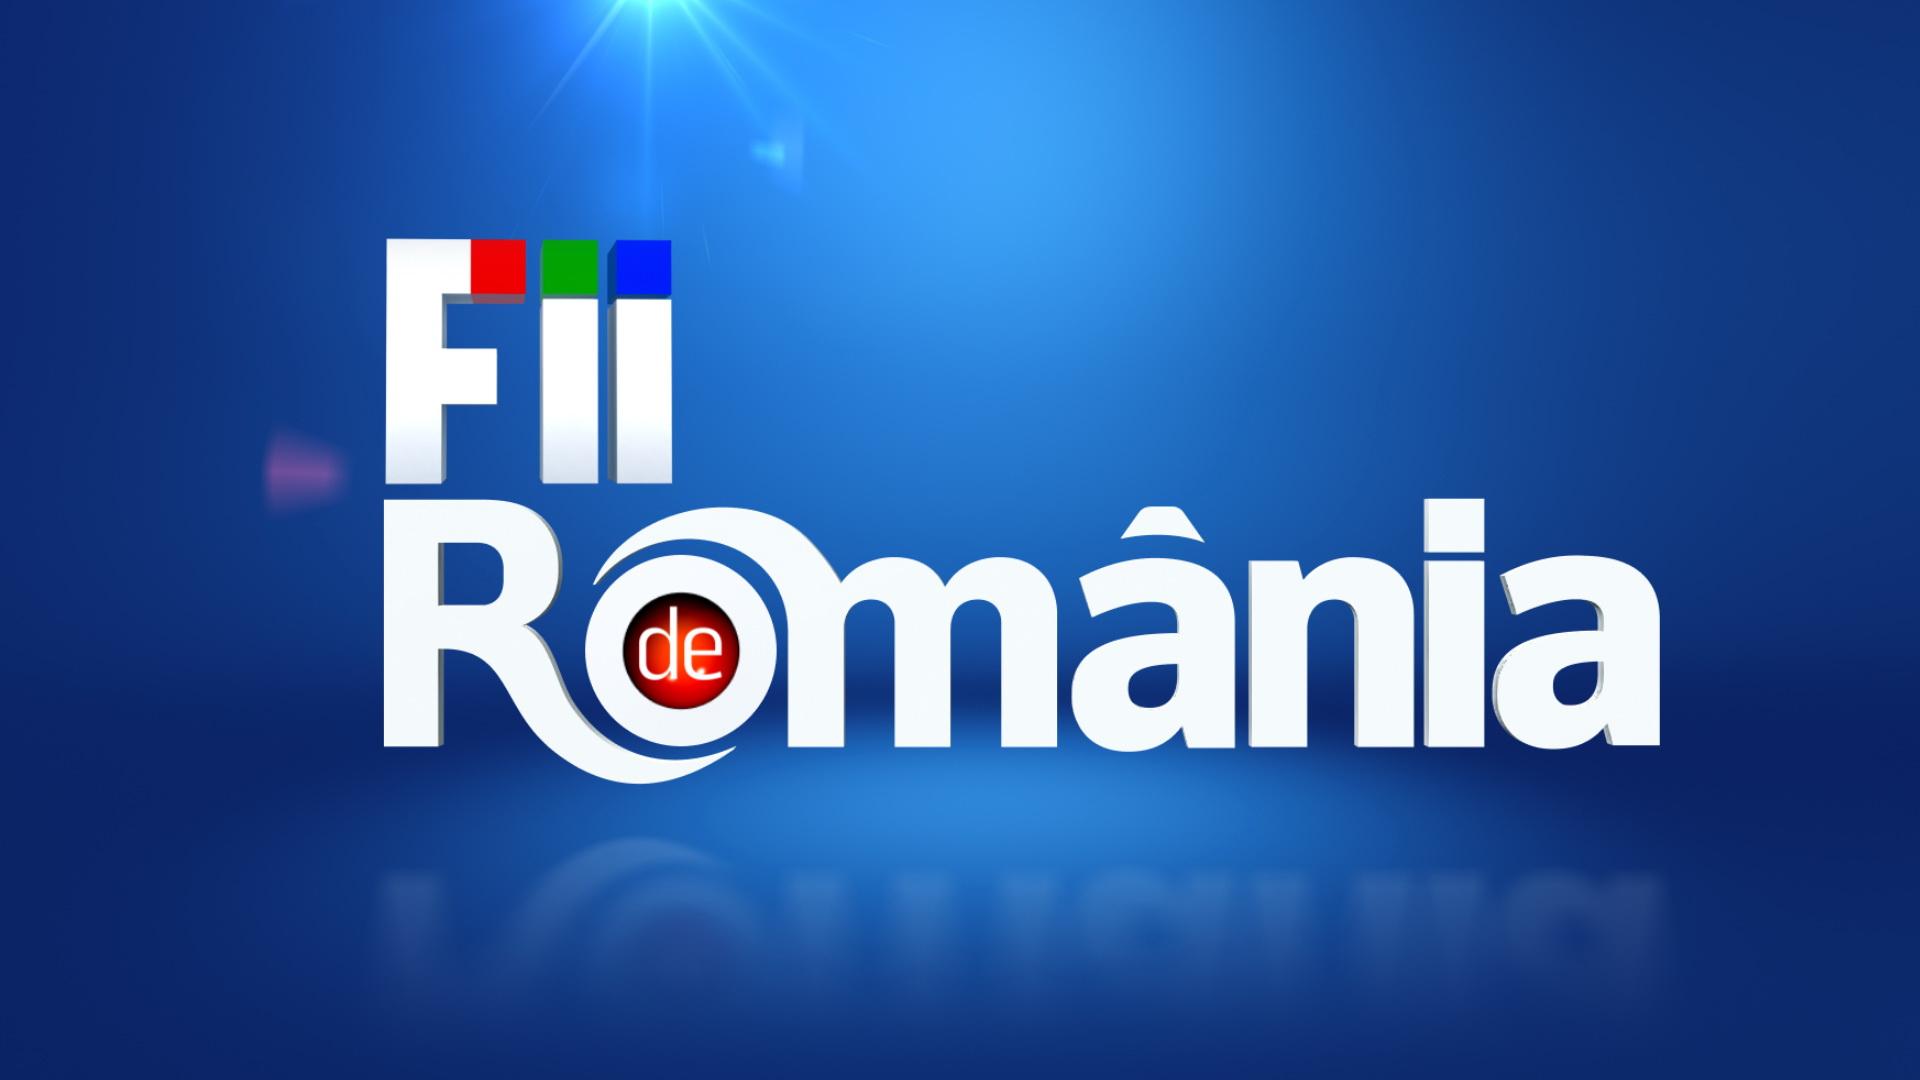 La aniversarea a 19 ani, PRO TV lanseaza indemnul: Fii de Romania!